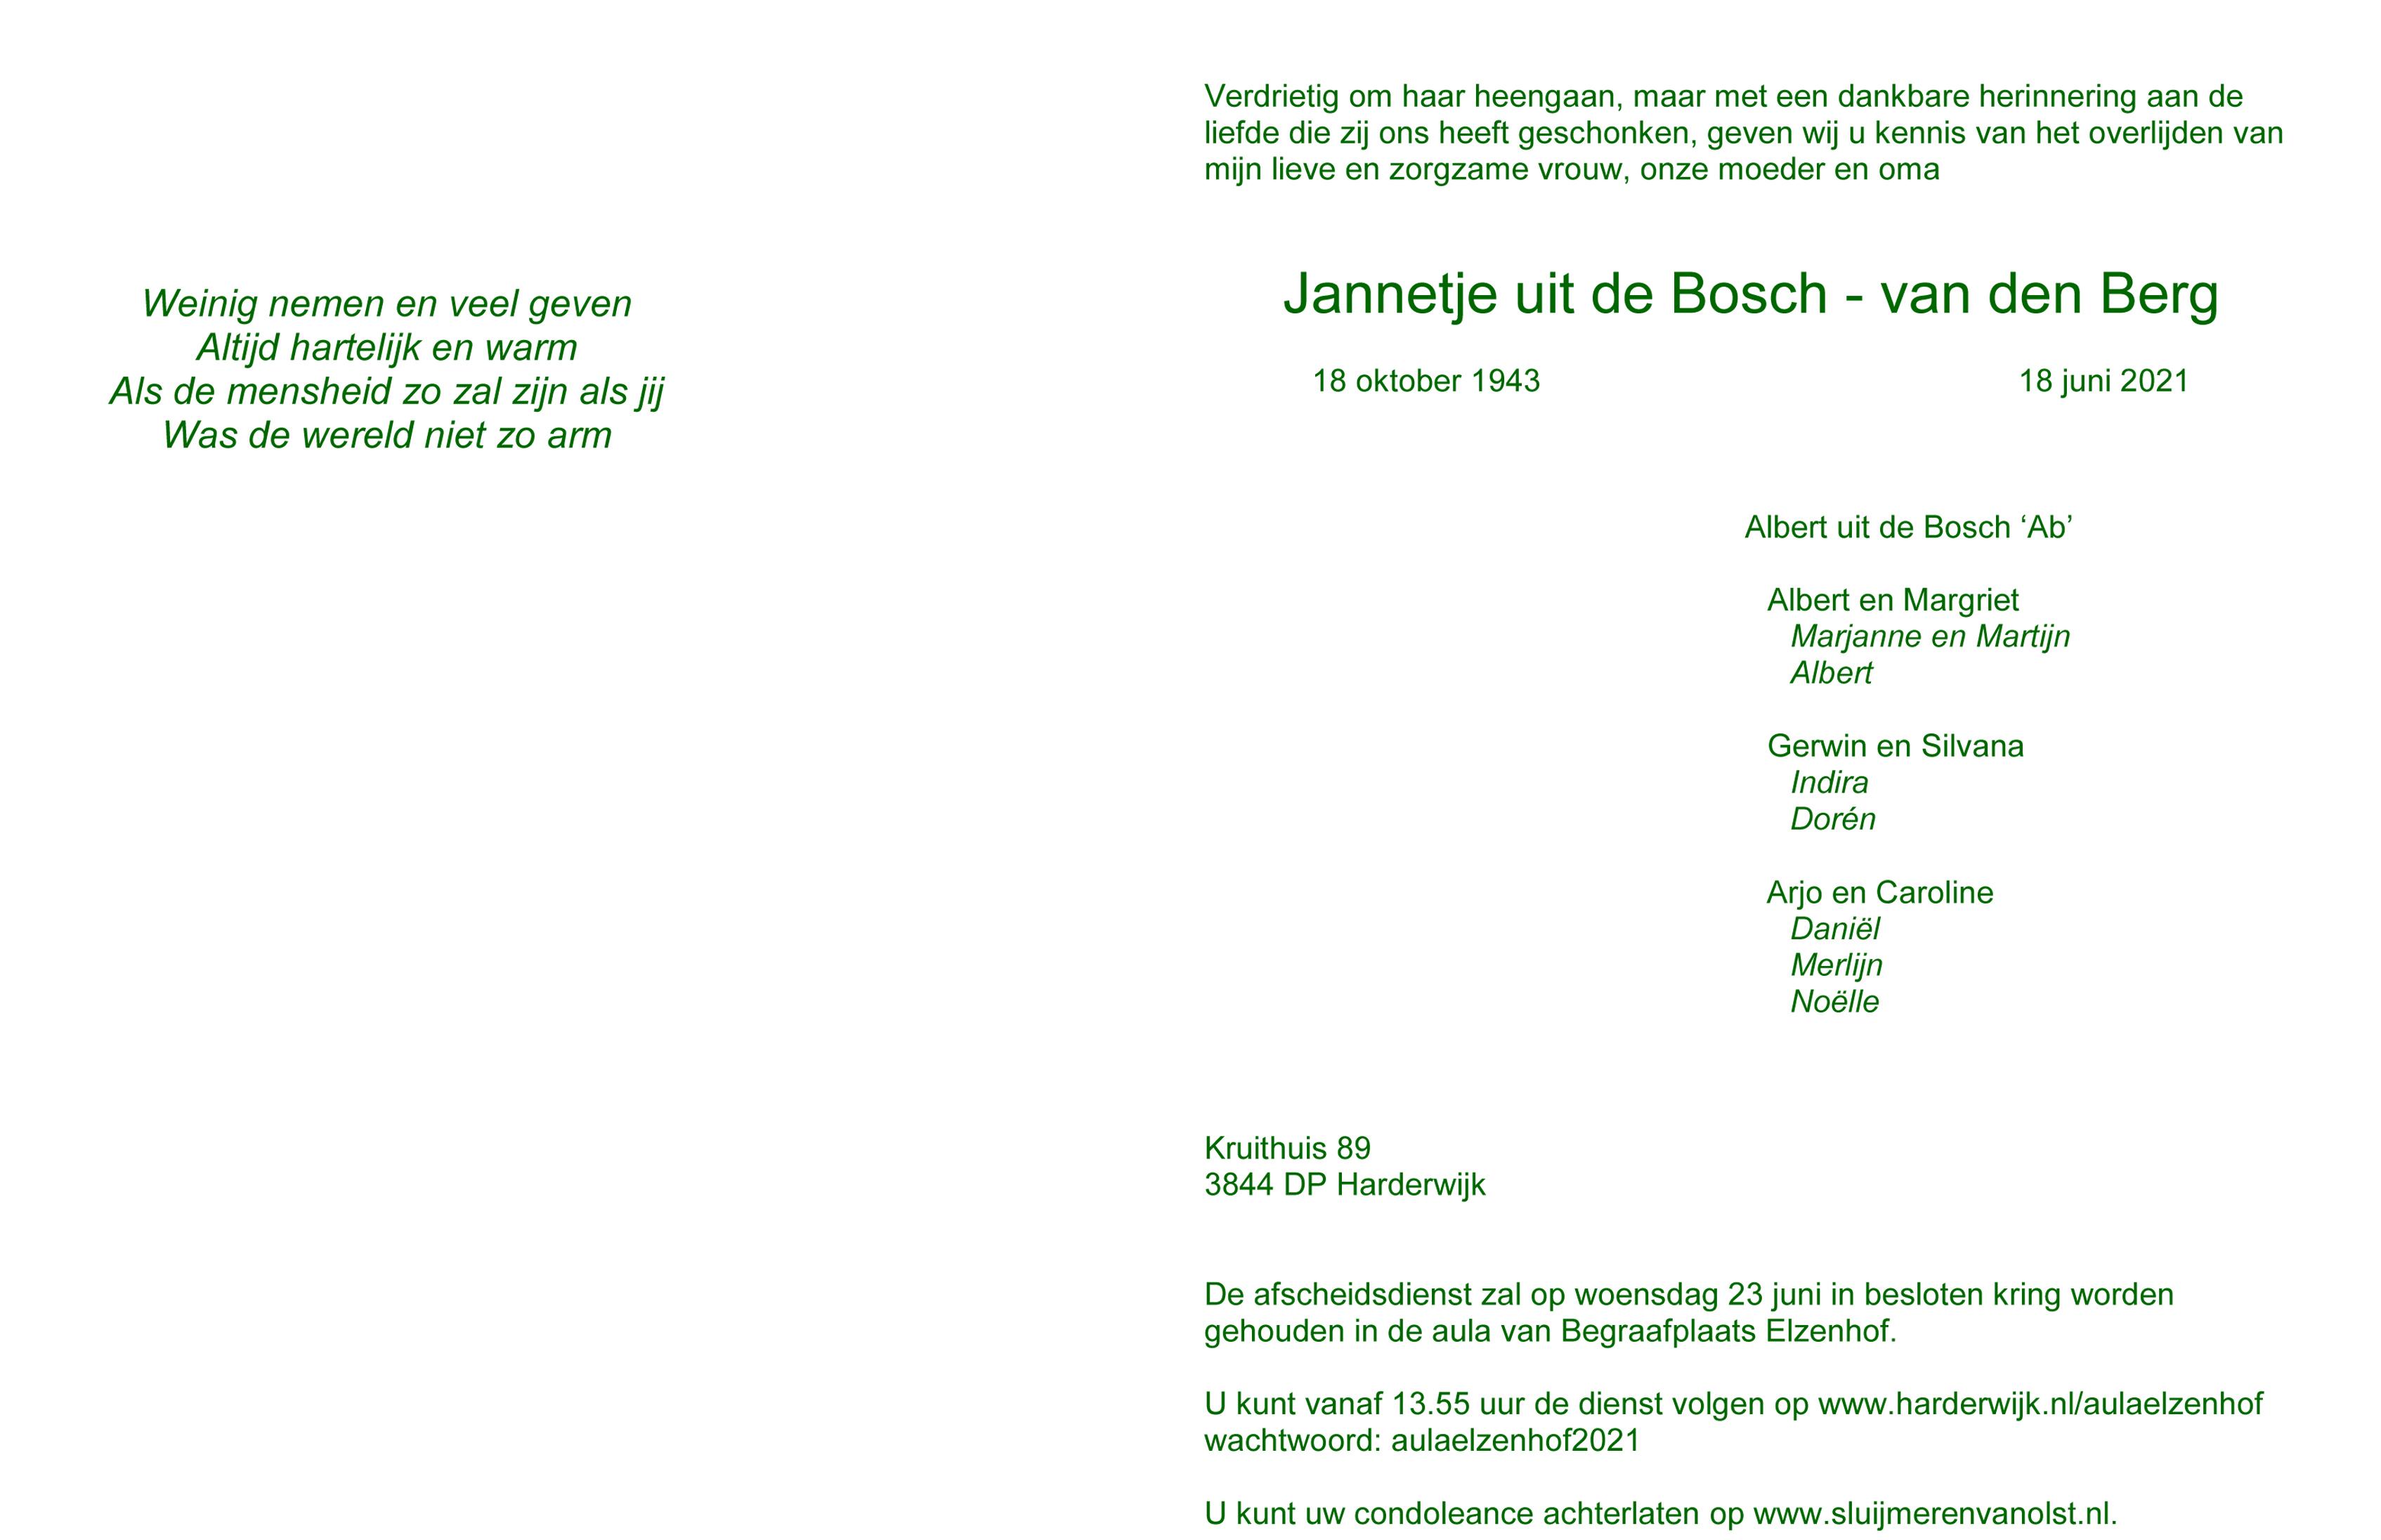 Jannie uit de Bosch-van den Berg Death notice